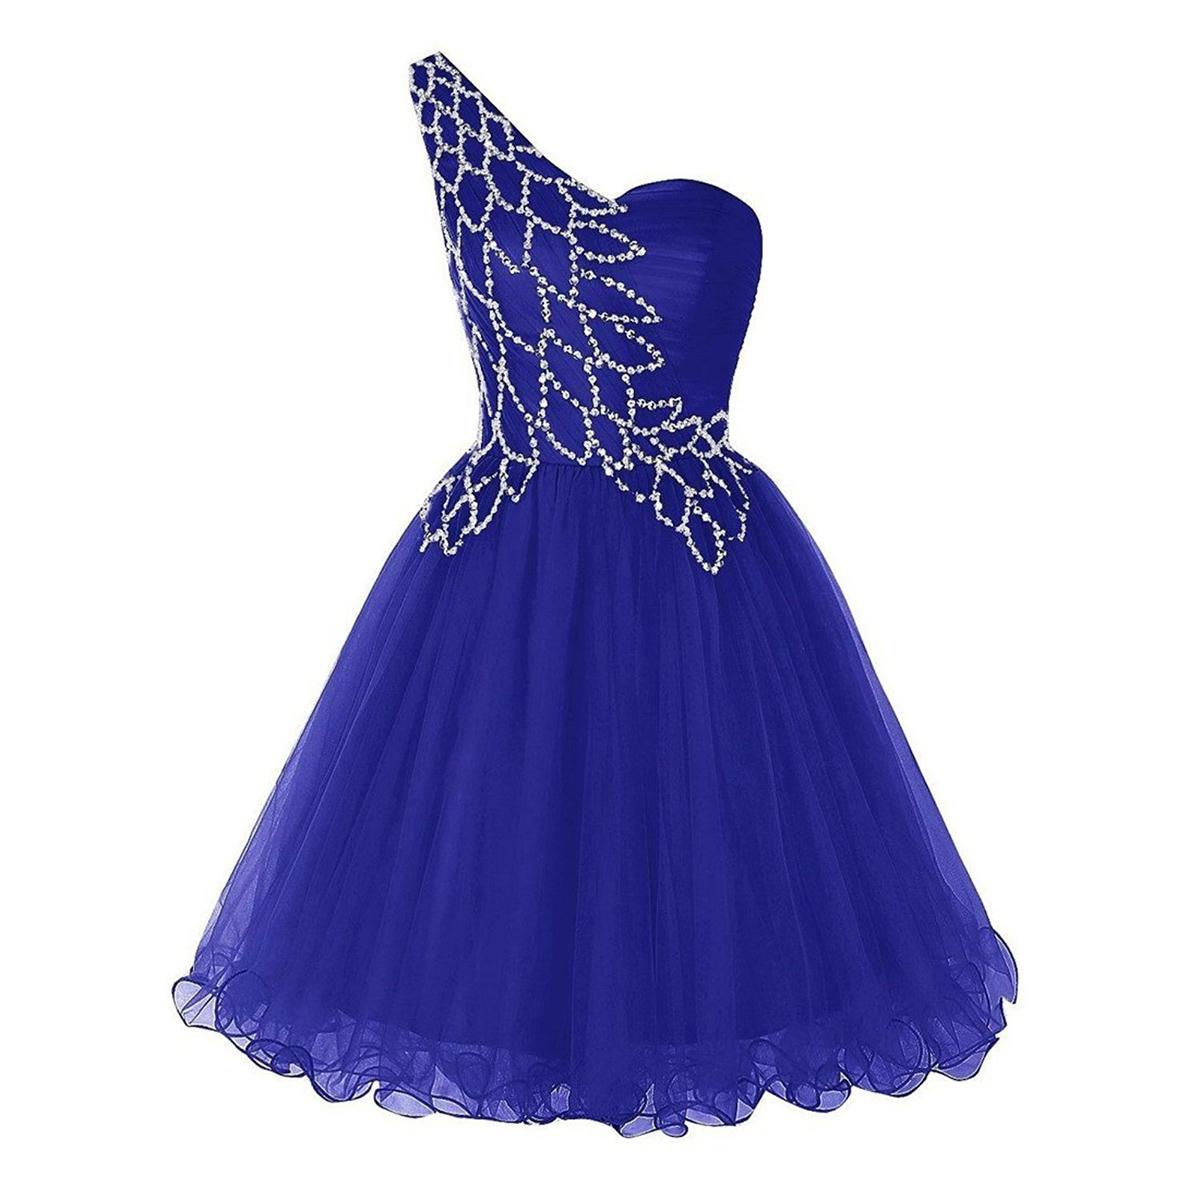 Unique Style One Shoulder A-line Prom Dress, Pretty Sequins Royal ...